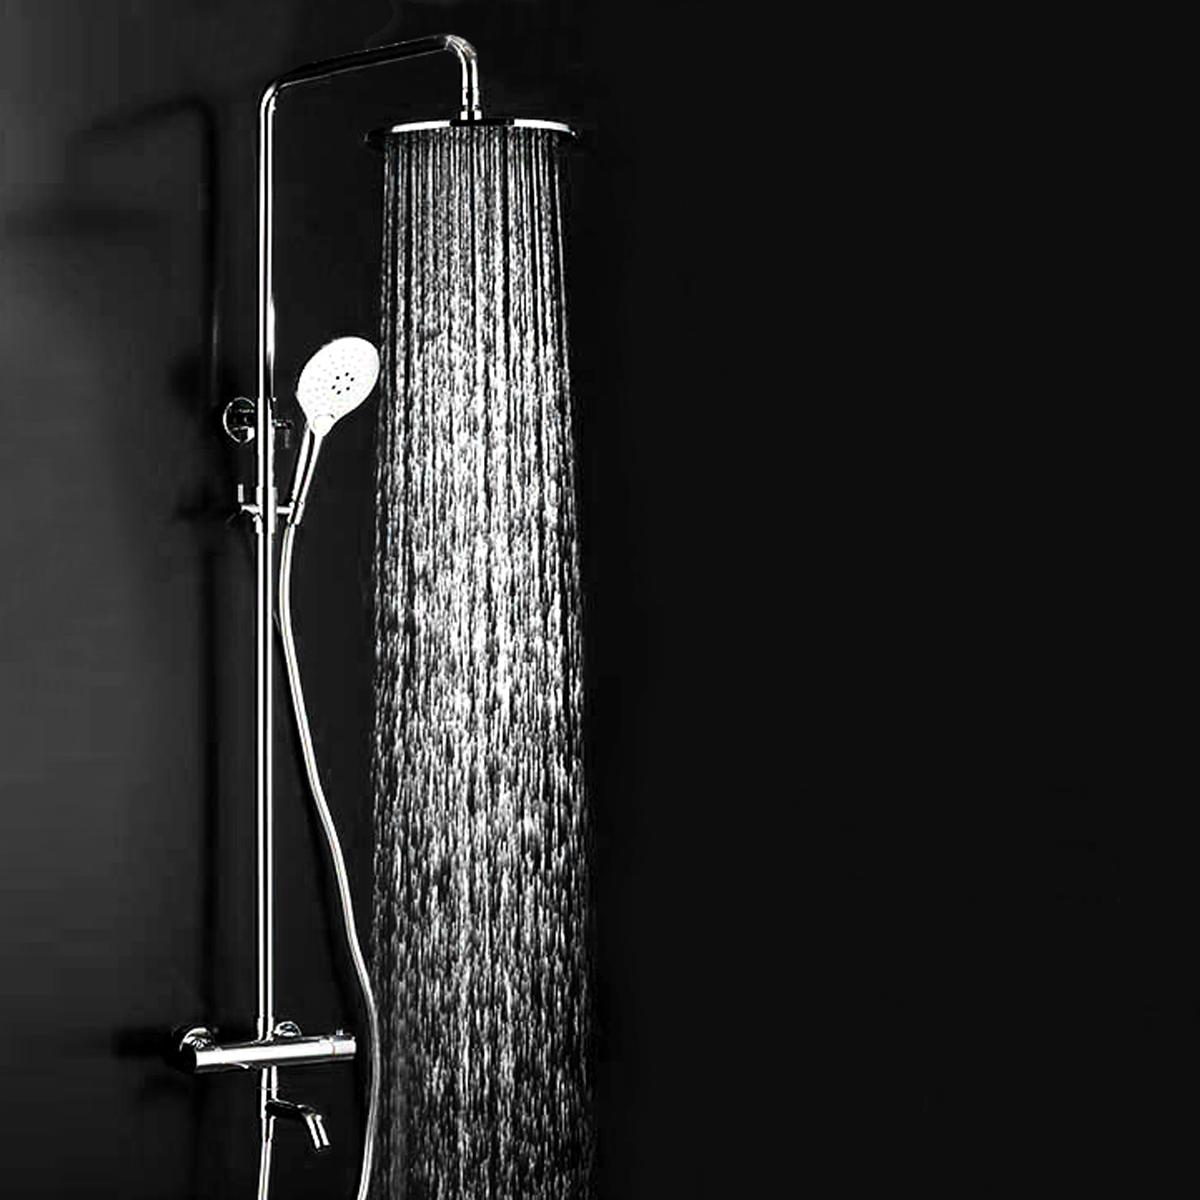 douche en acier inox effet pluie de t te pomme pommeau douchette 20cm 360 achat vente. Black Bedroom Furniture Sets. Home Design Ideas